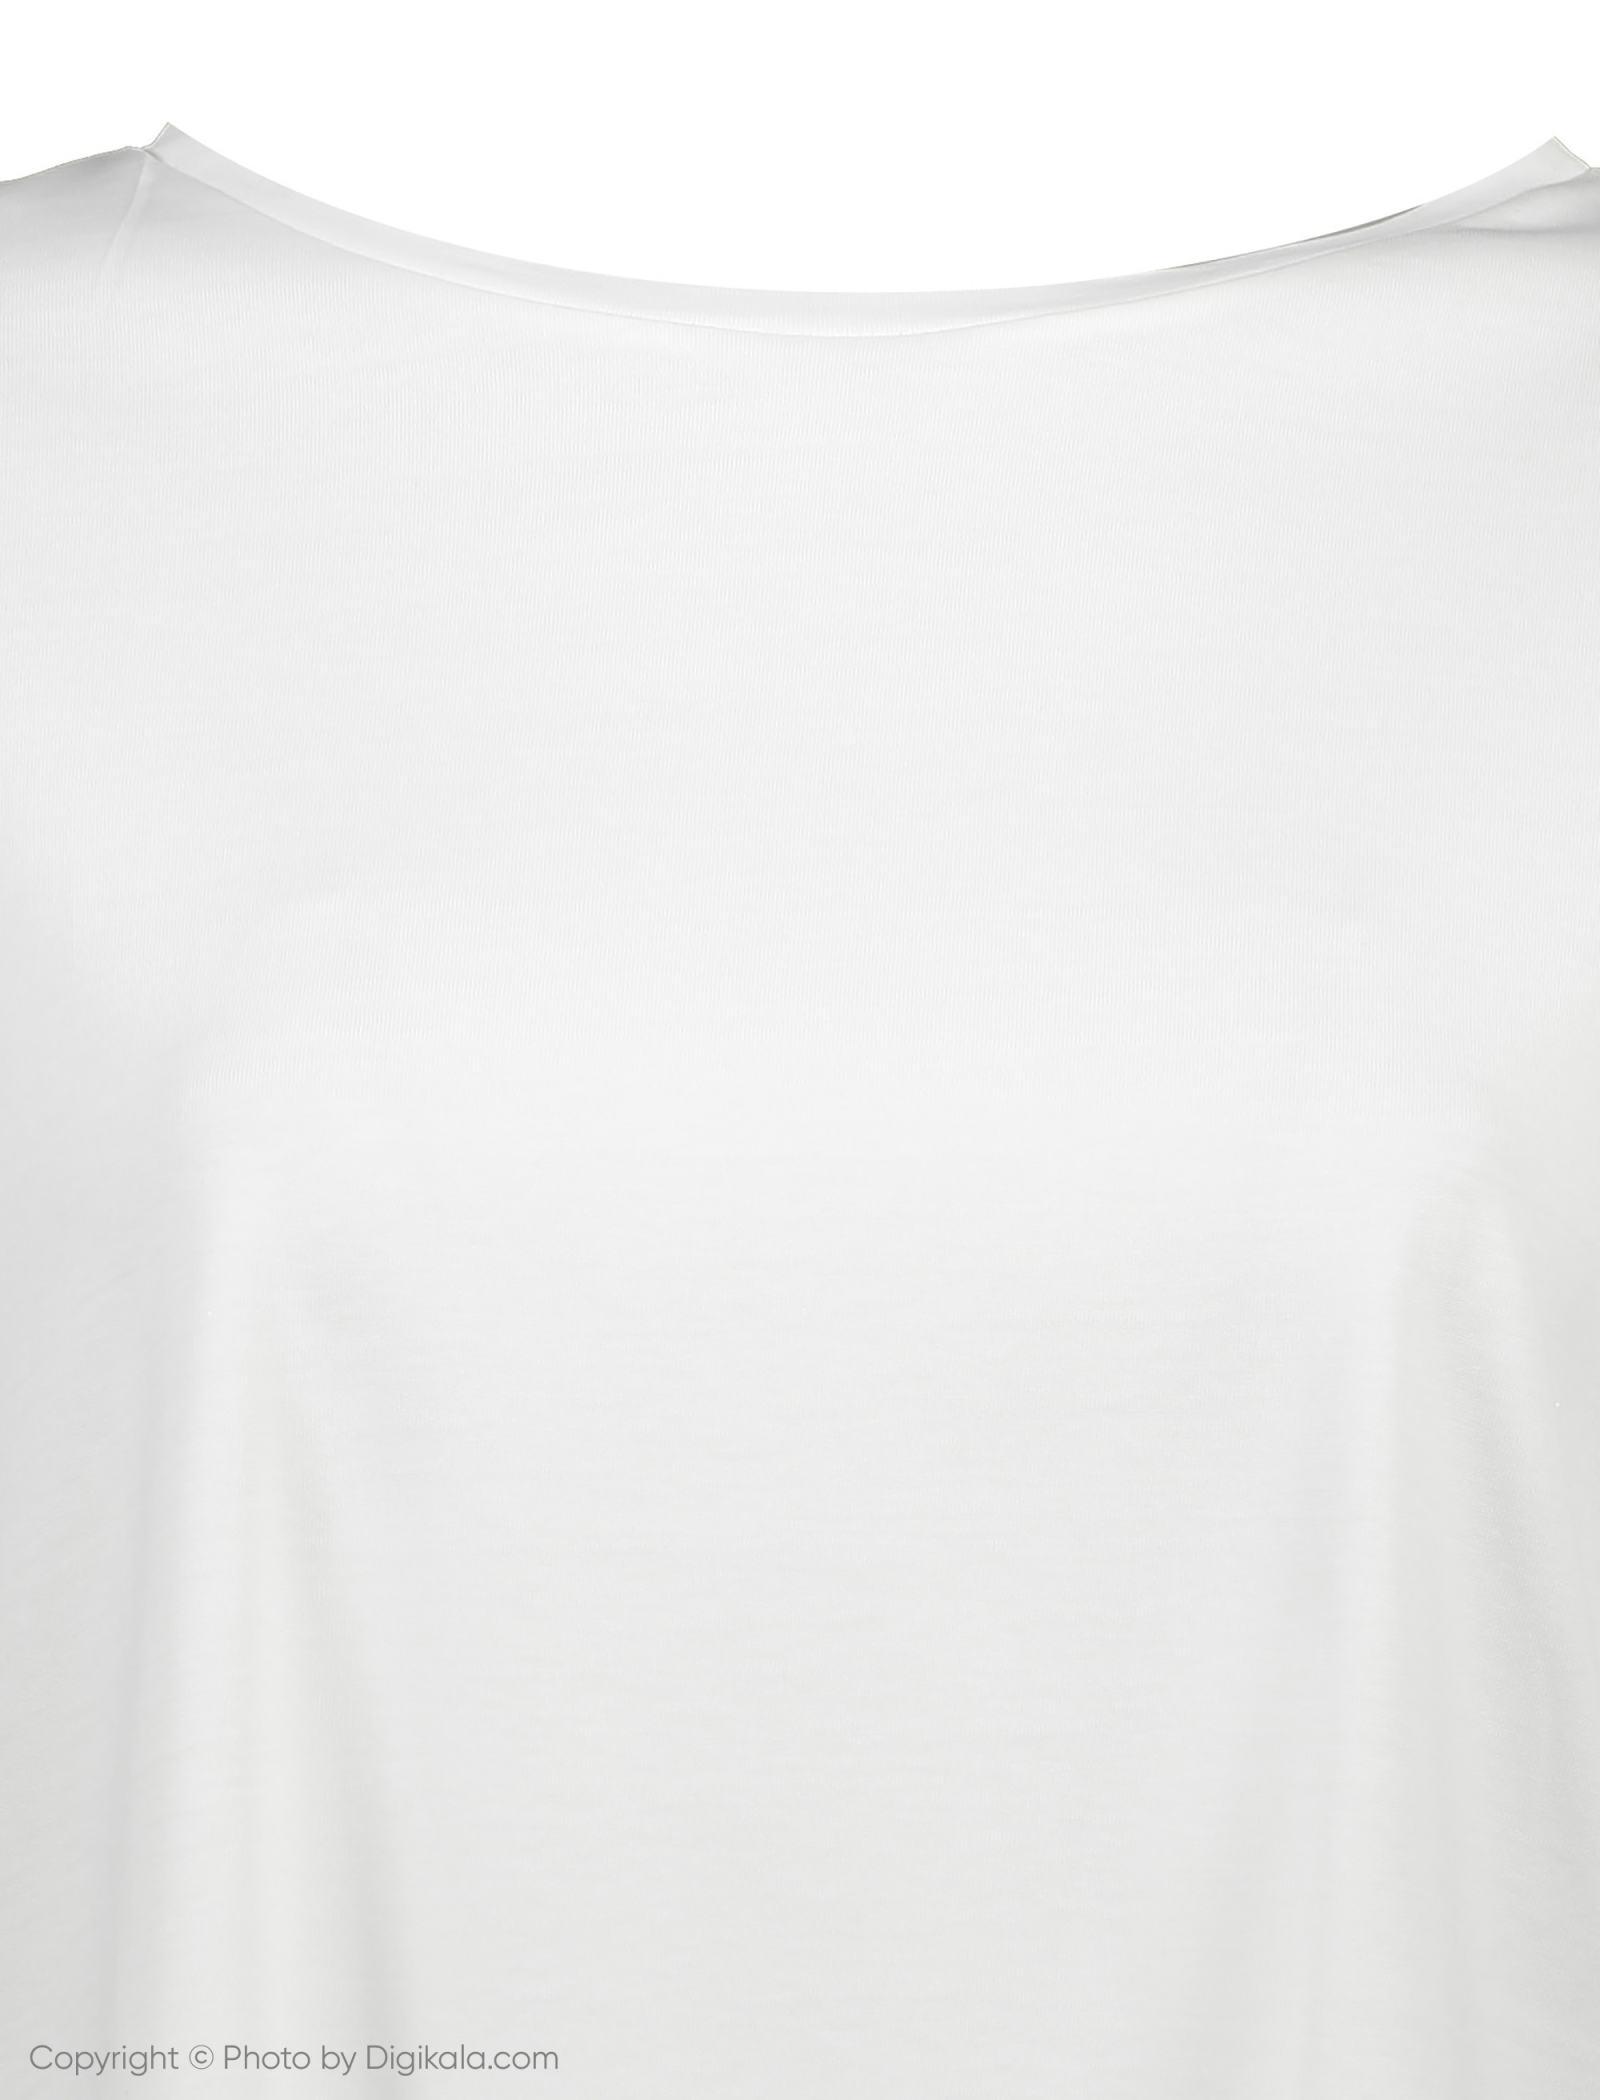 تی شرت ویسکوز یقه گرد زنانه - ویولتا بای مانگو - سفید - 4